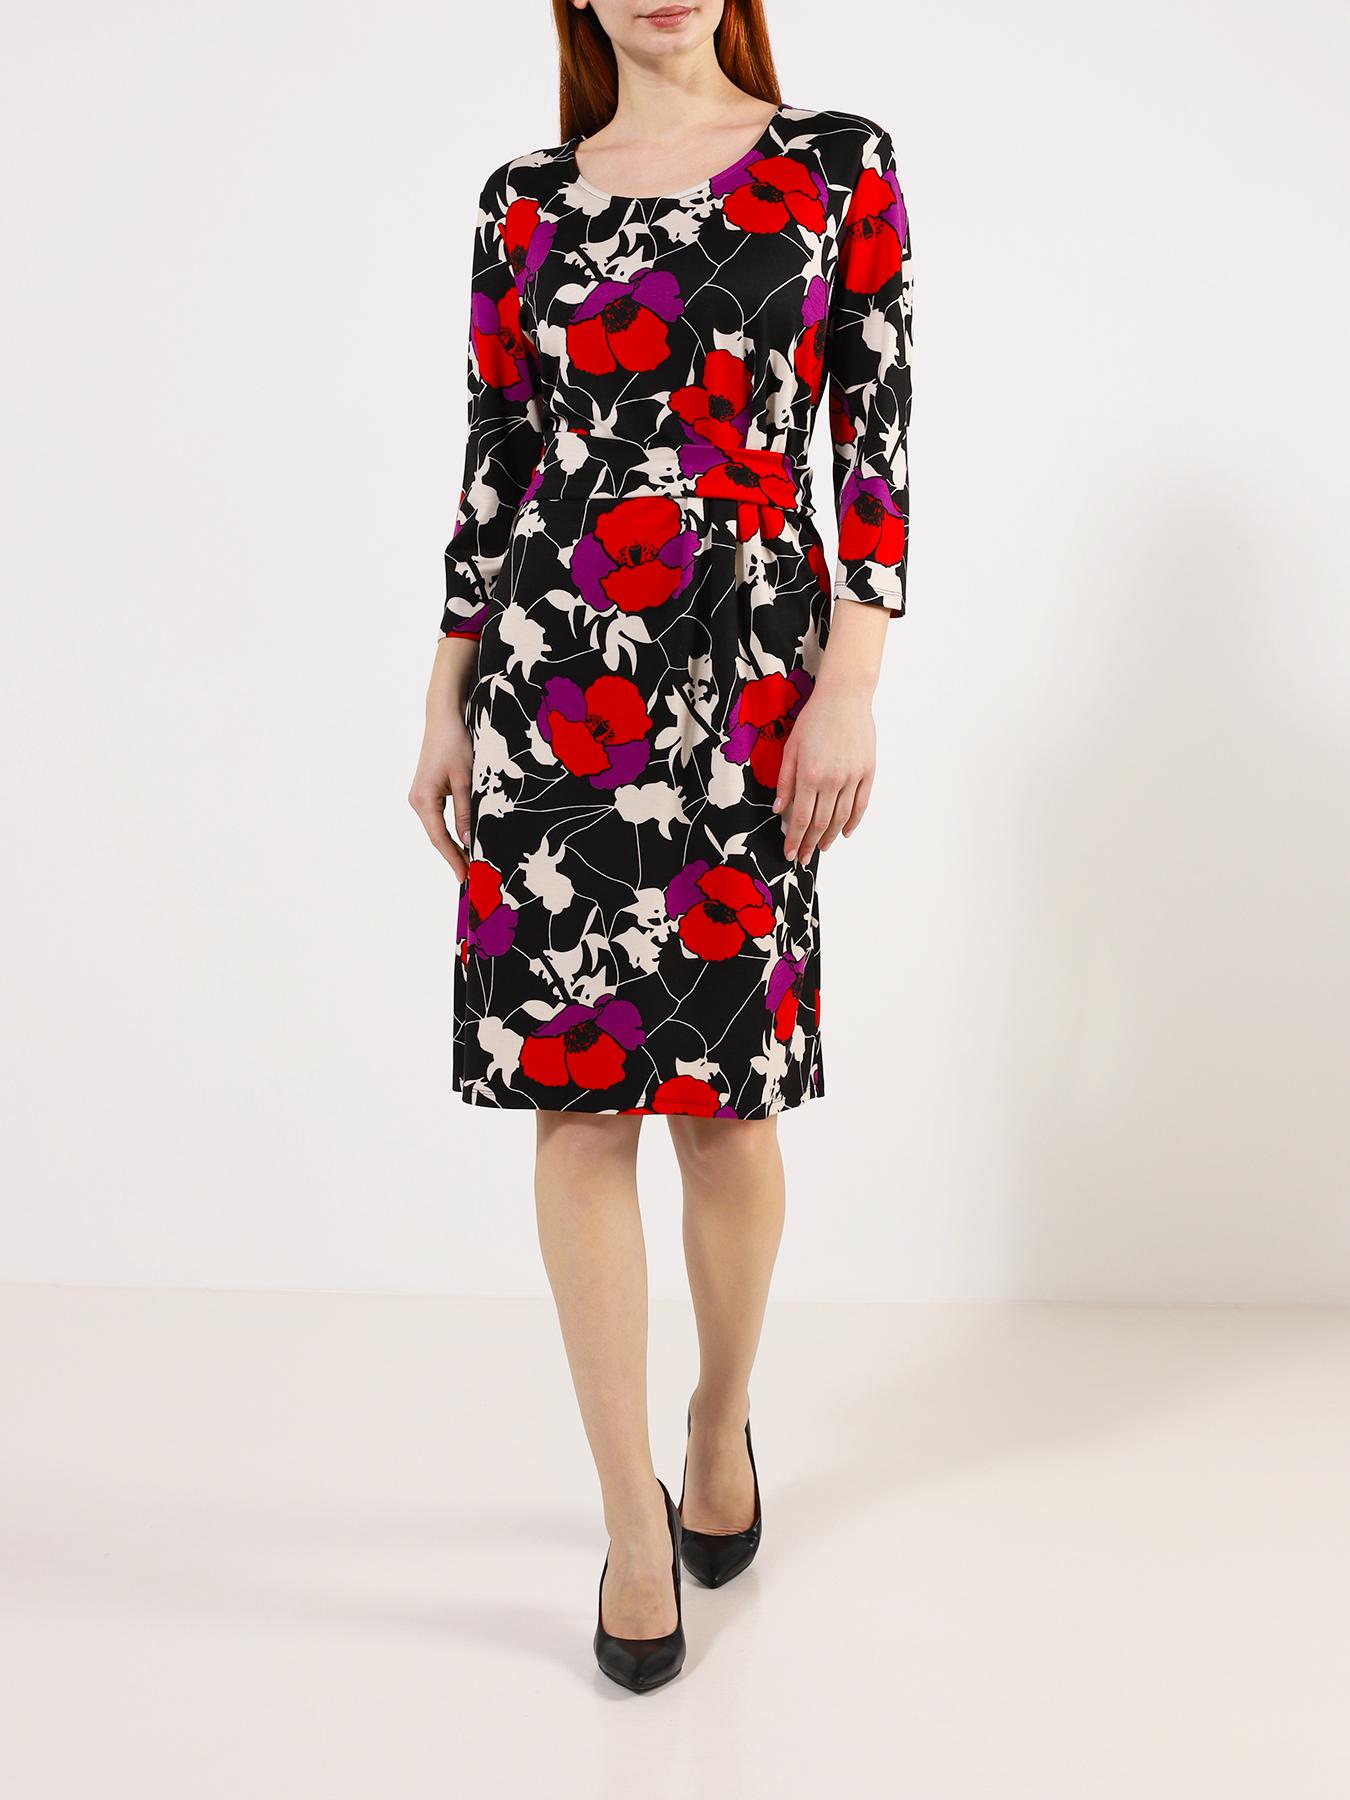 искать платье по фото в товарах многочисленных